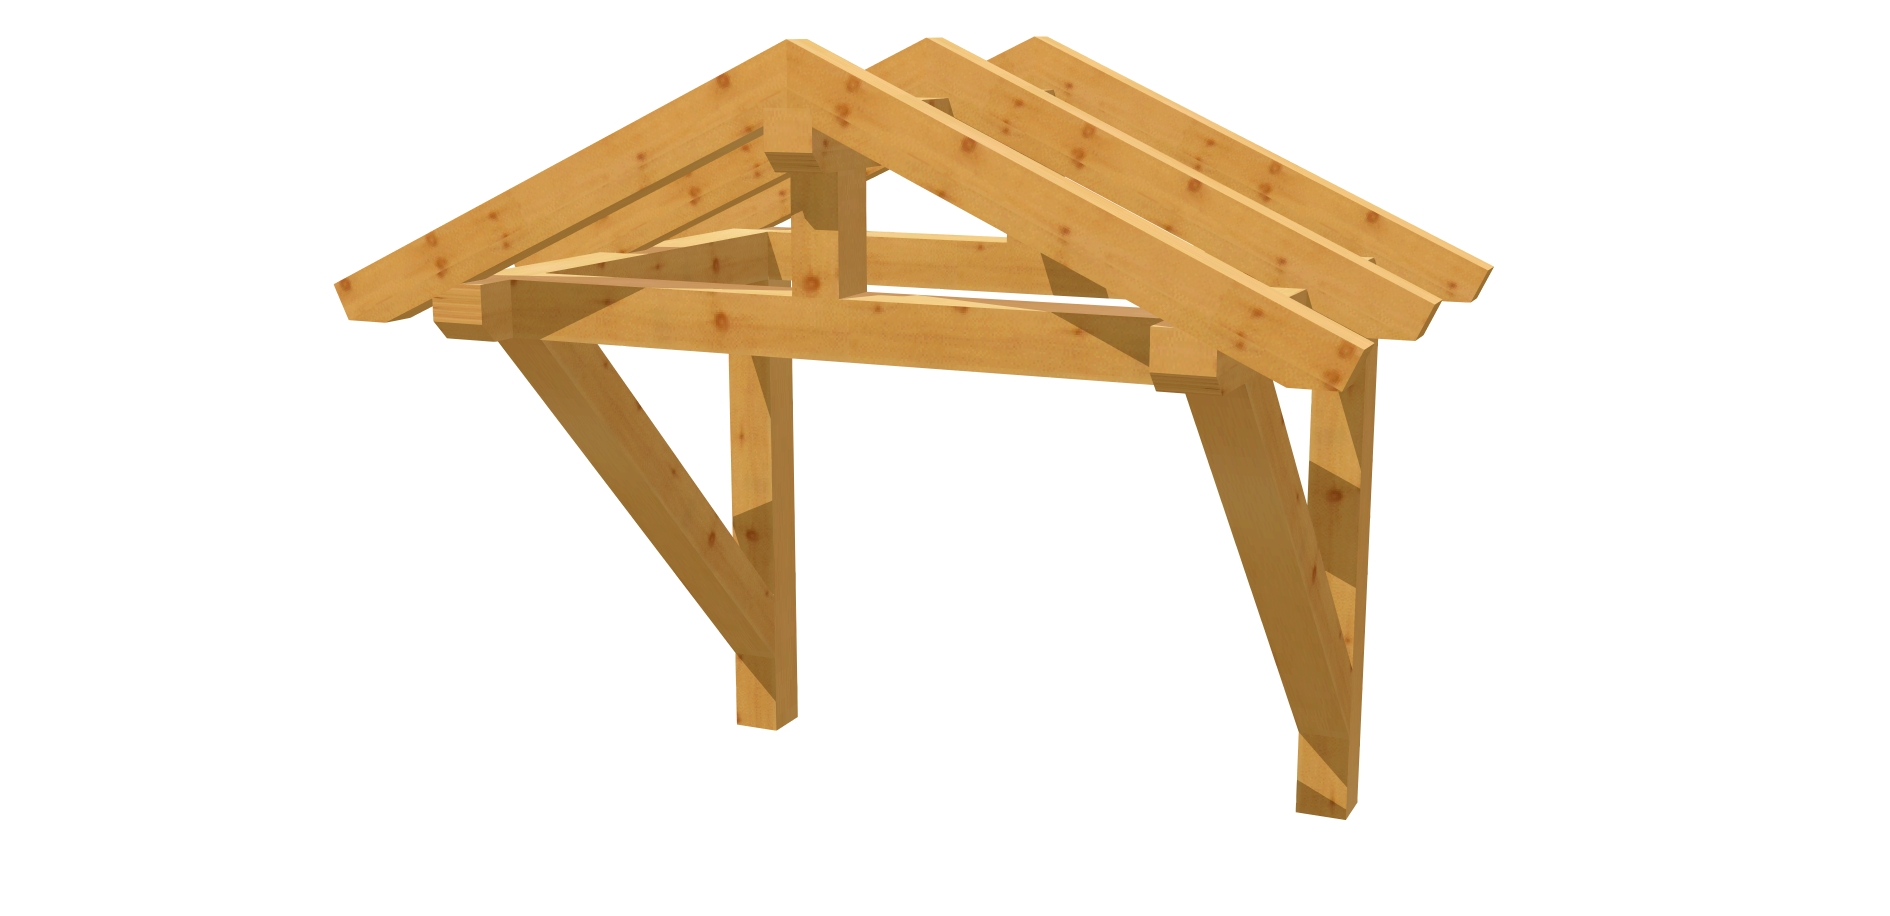 Holz Vordach Selber Bauen Holz Bauplande